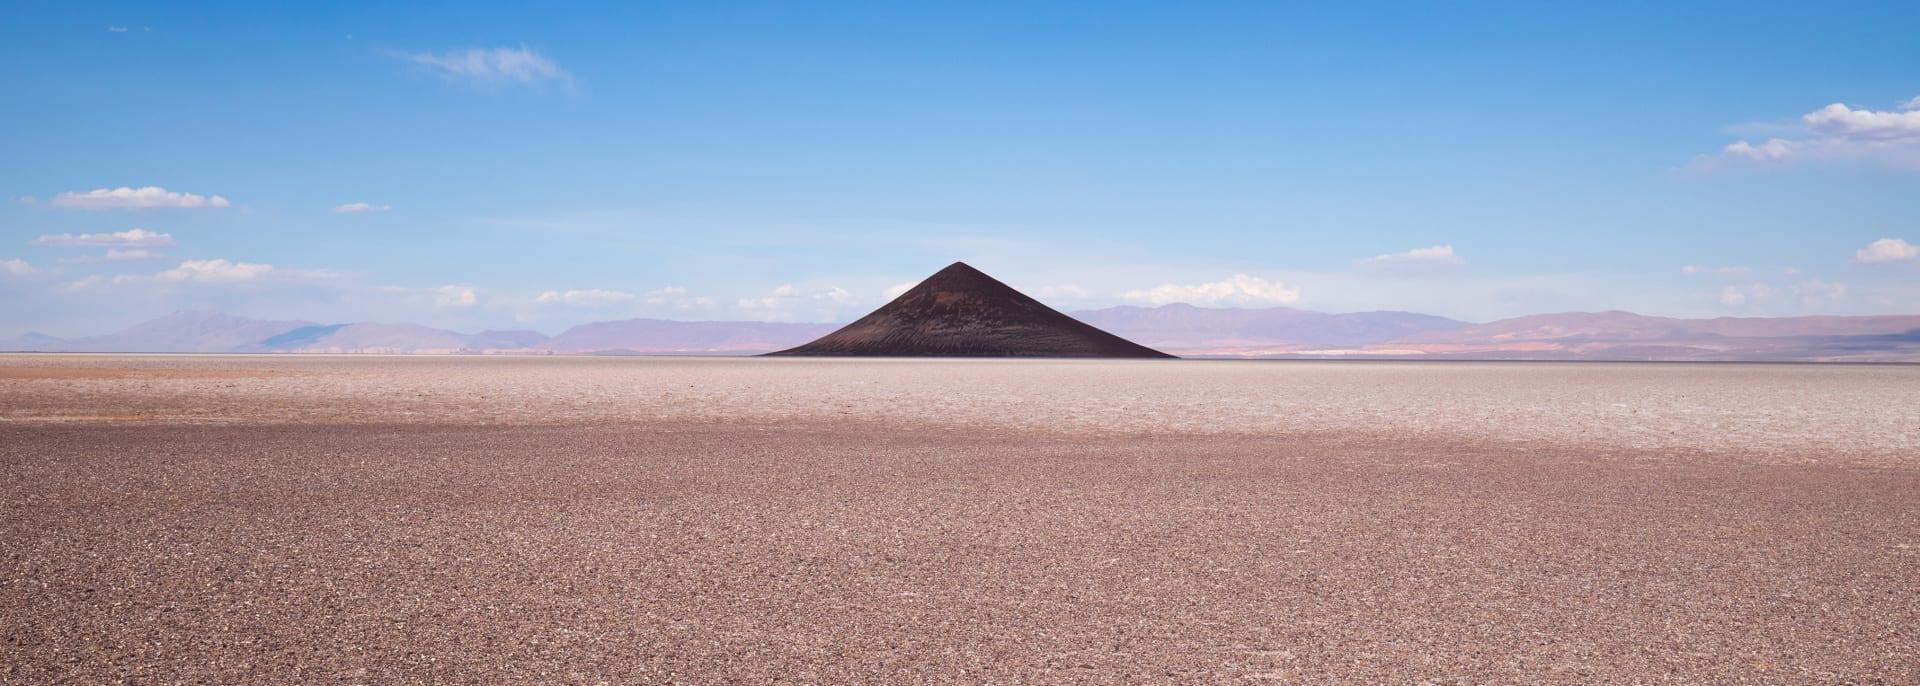 Salta, Argentinien